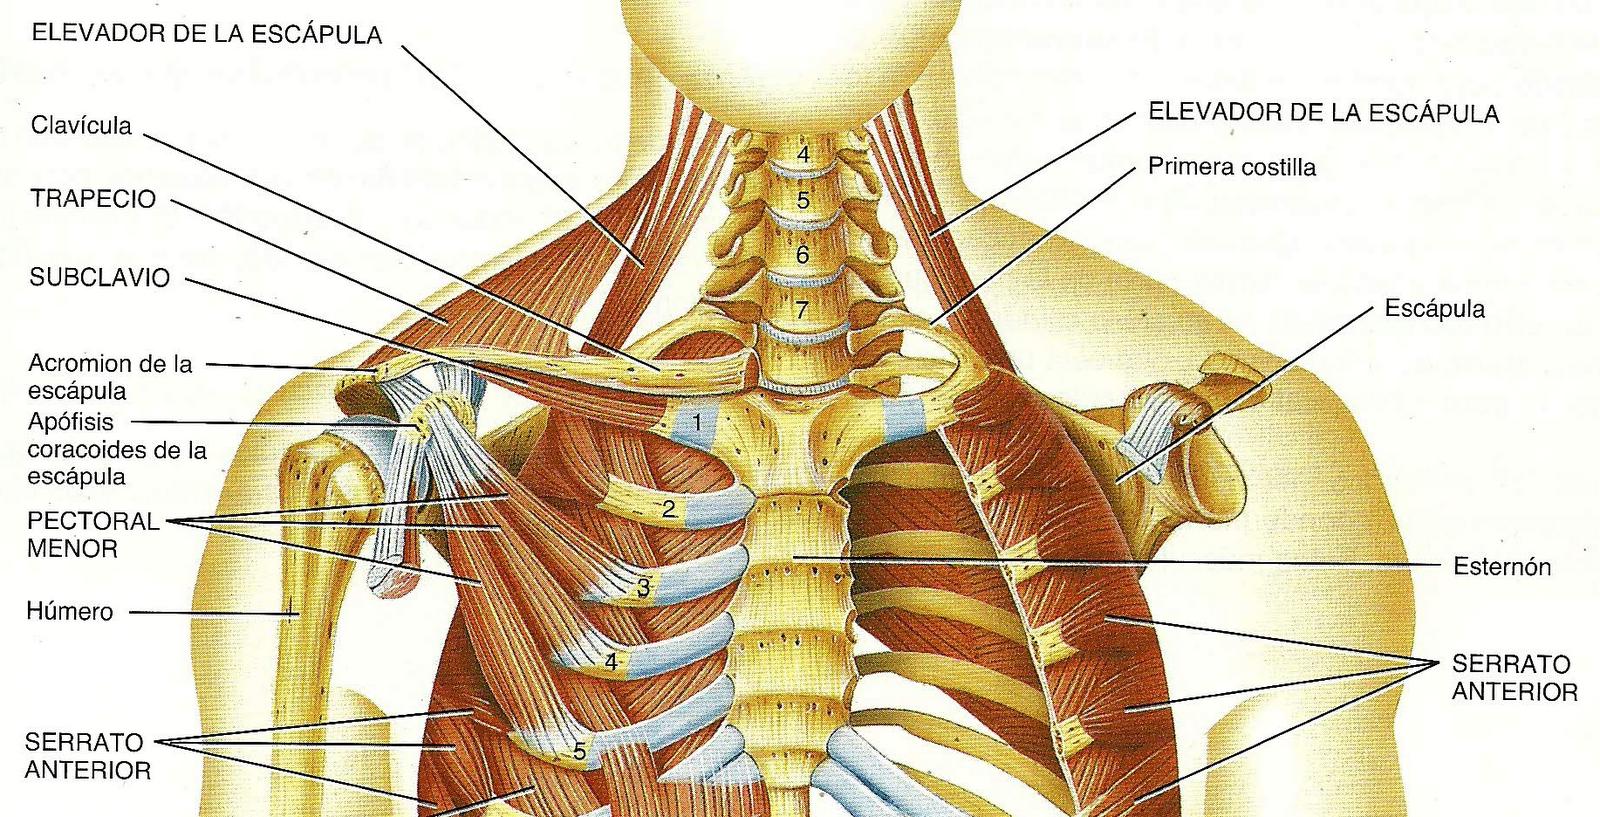 Anatomia: septiembre 2010